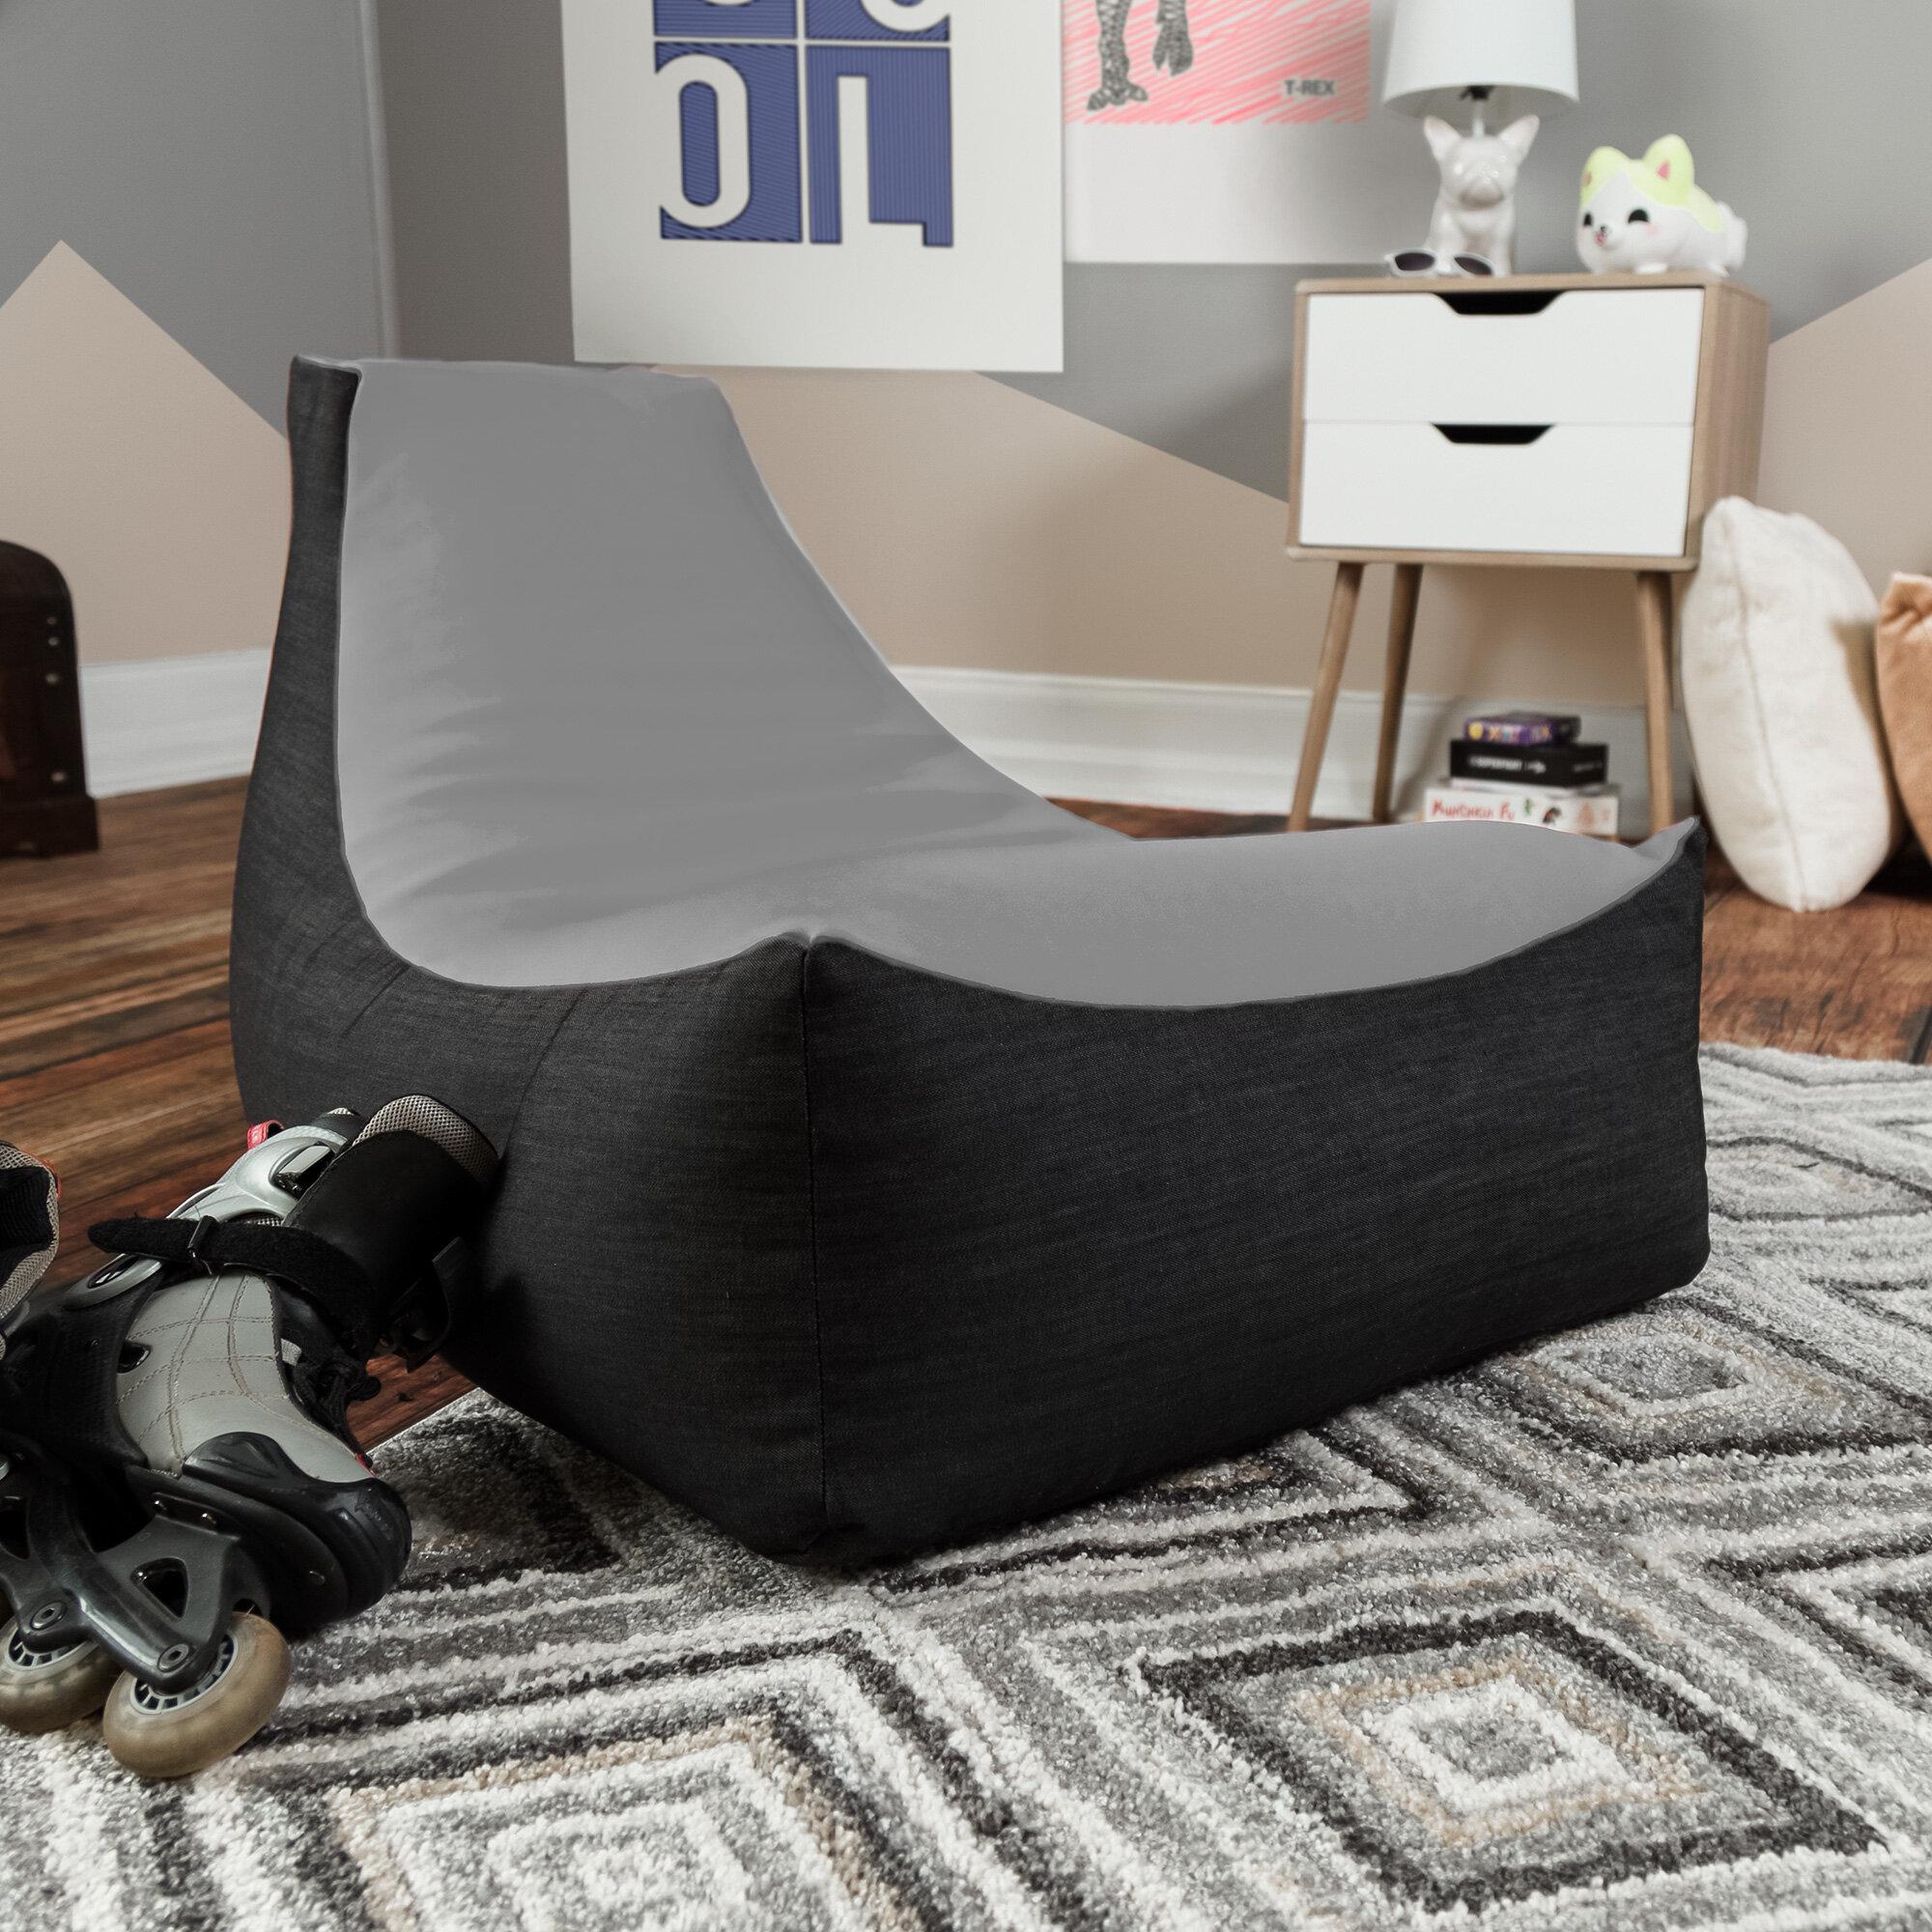 Viv Rae Bean Bag Floor Chair